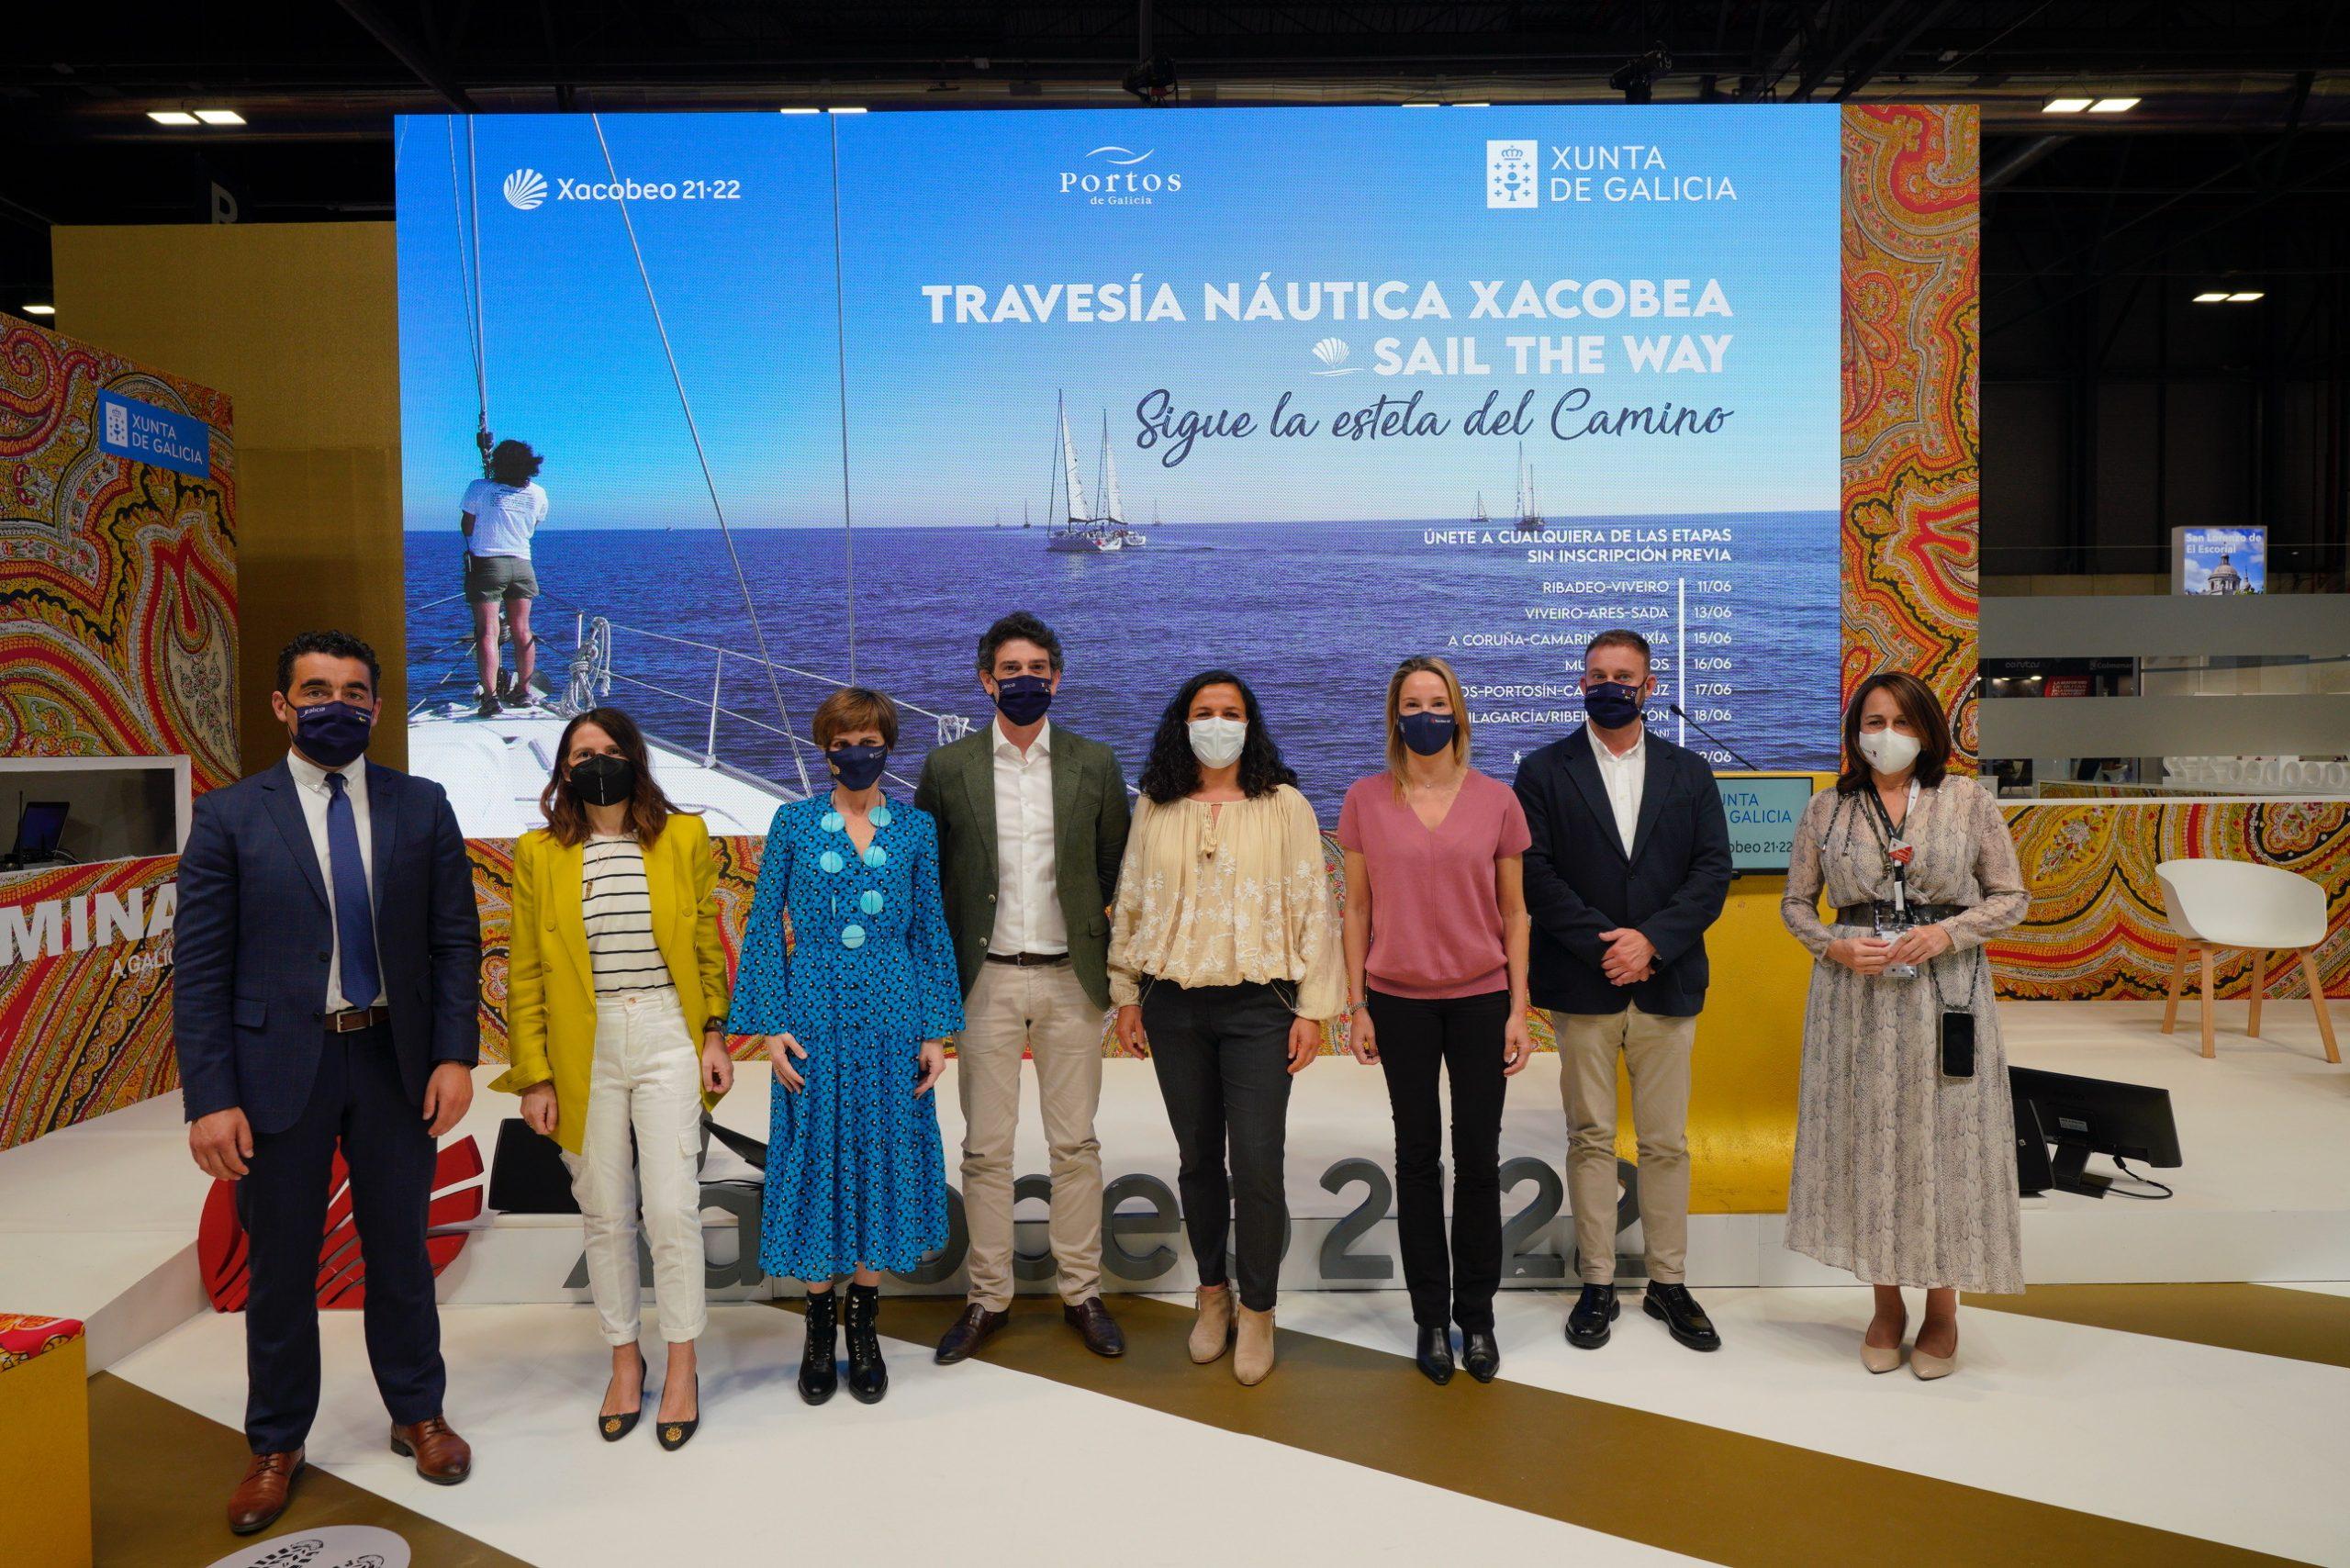 Galicia presenta en Fitur a travesía náutica Xacobea Sail the Way, que promocionará o camiño por mar no mes de xuño, partindo de Ribadeo